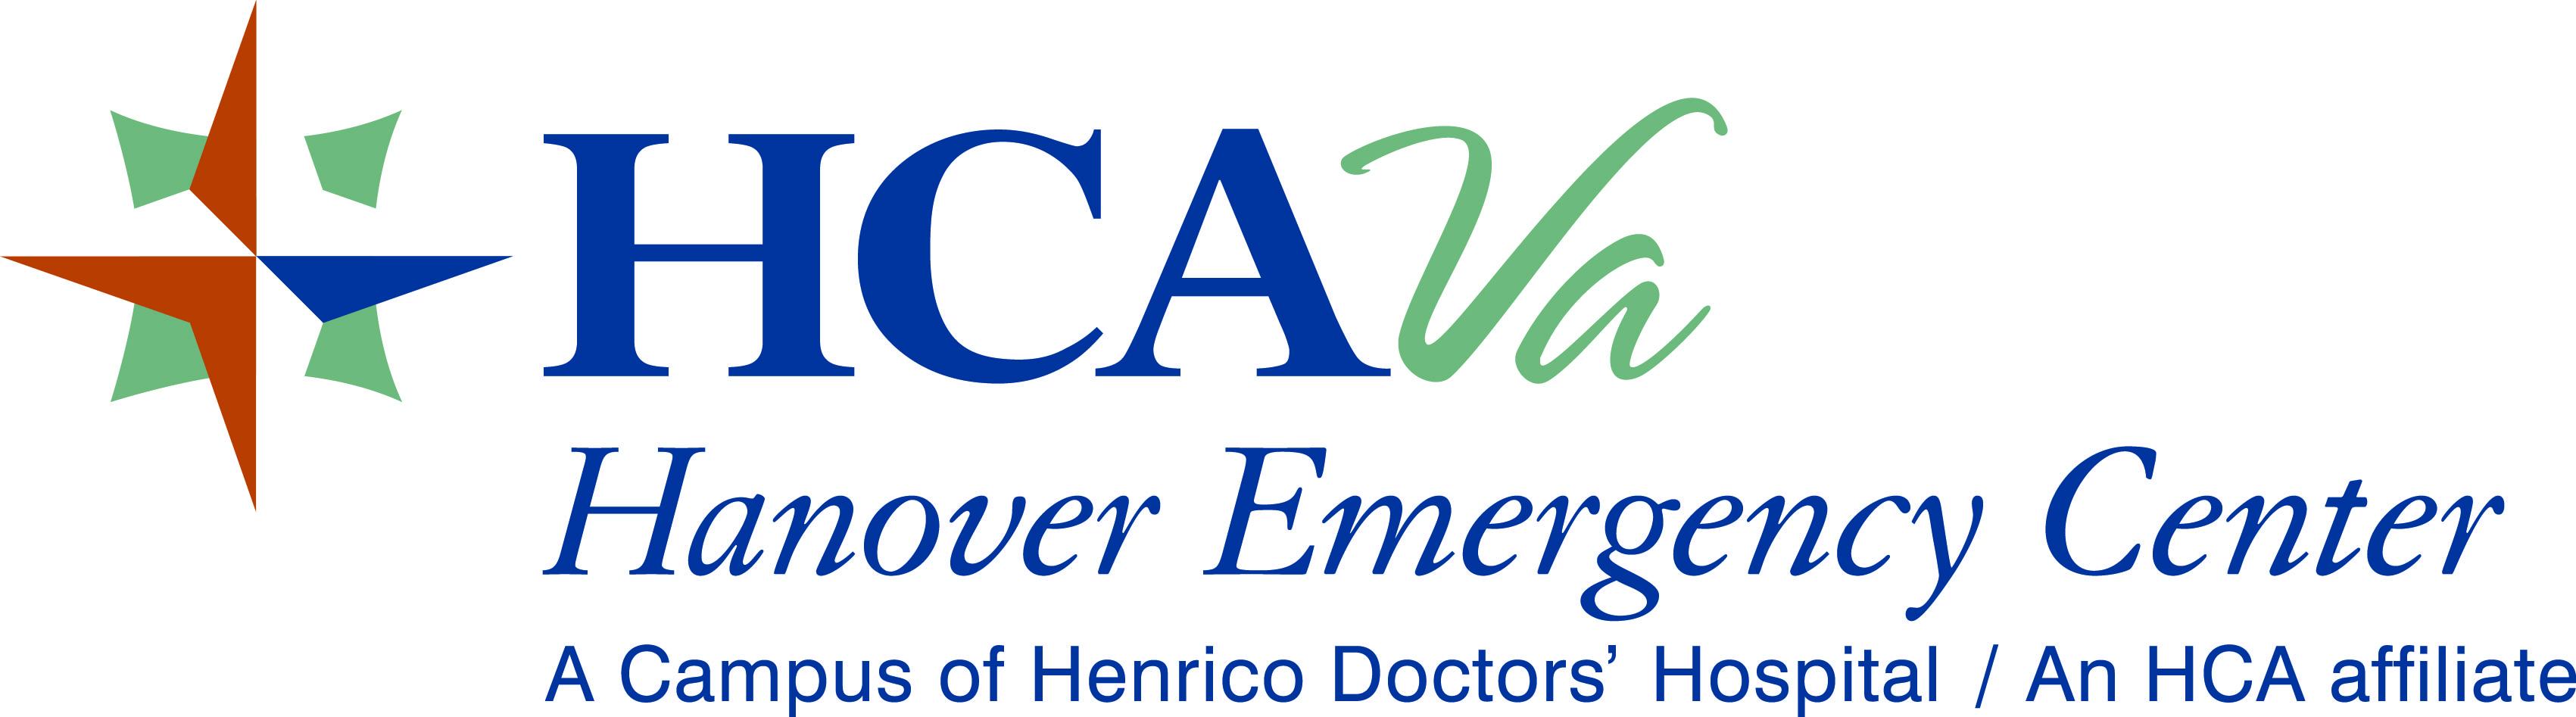 Hanover Emergency Center Image